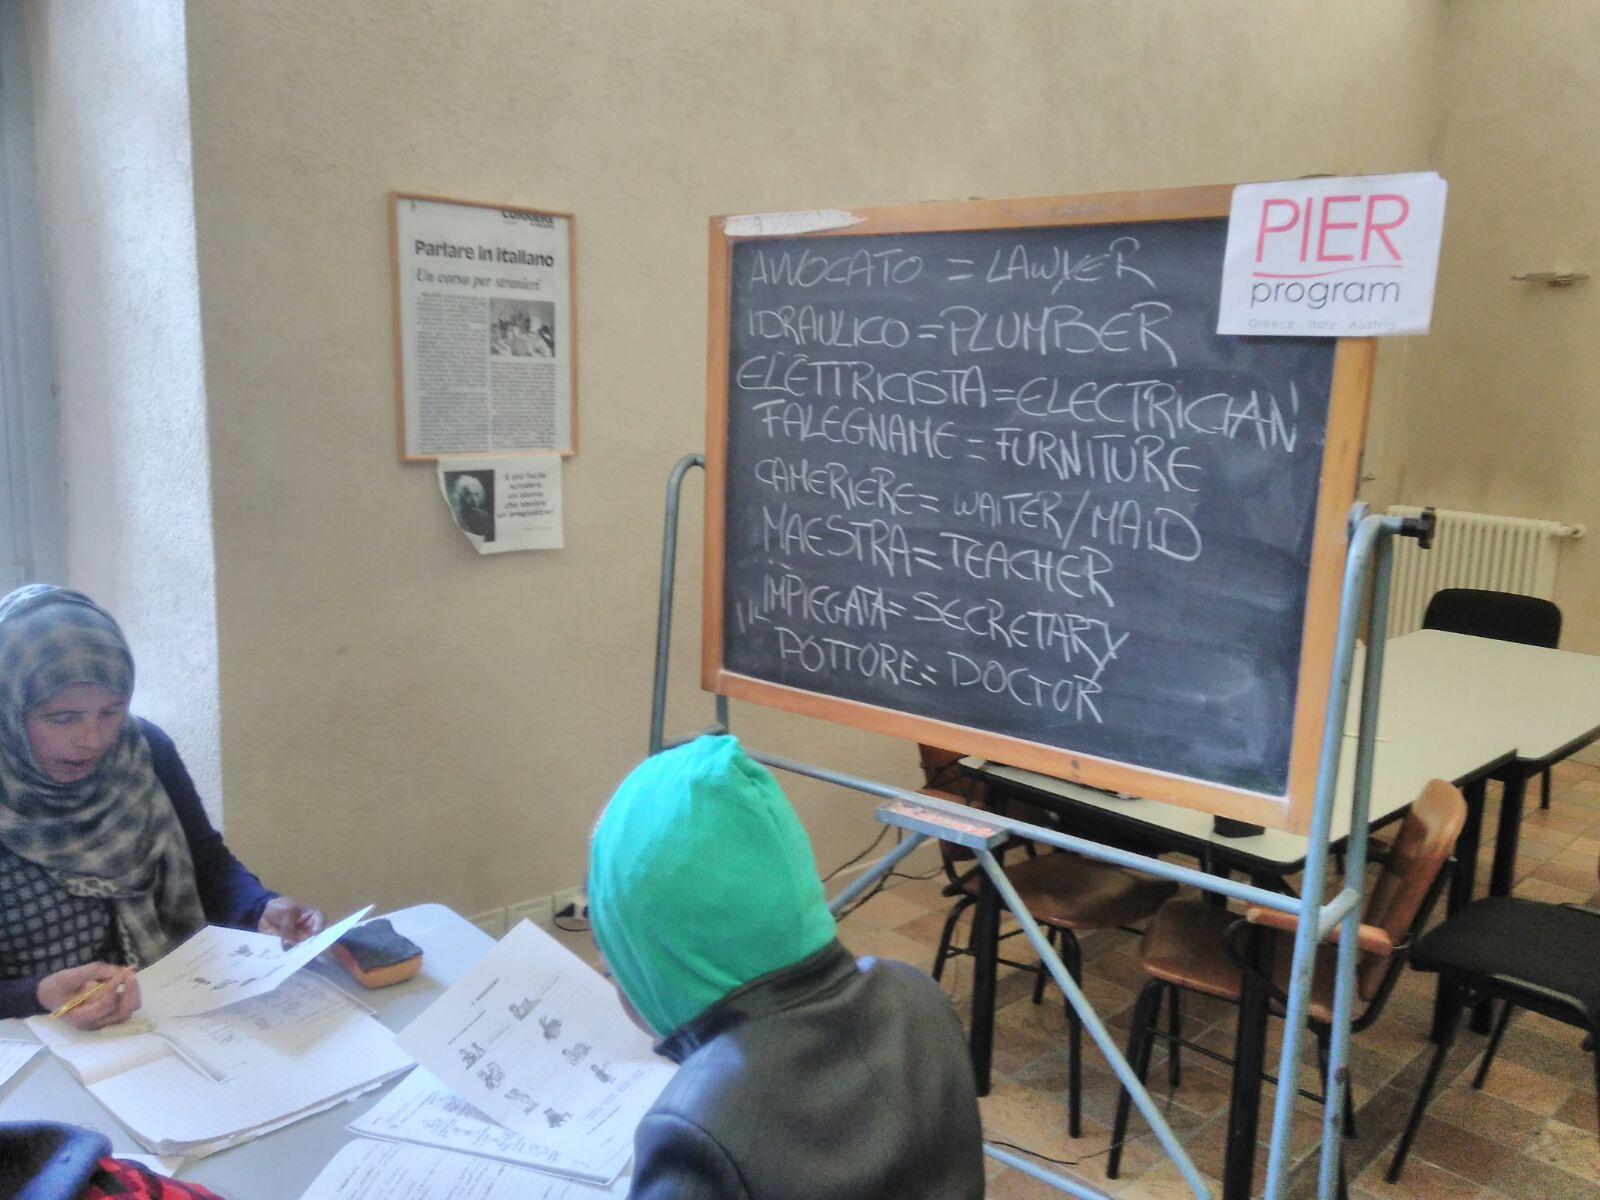 Il progetto PIER - Protection, Integration and Education for Refugees, finanziato dalla Coca Cola Foundation, coinvolge tre 3 partner nazionali Saluzzo Cuneo Italia